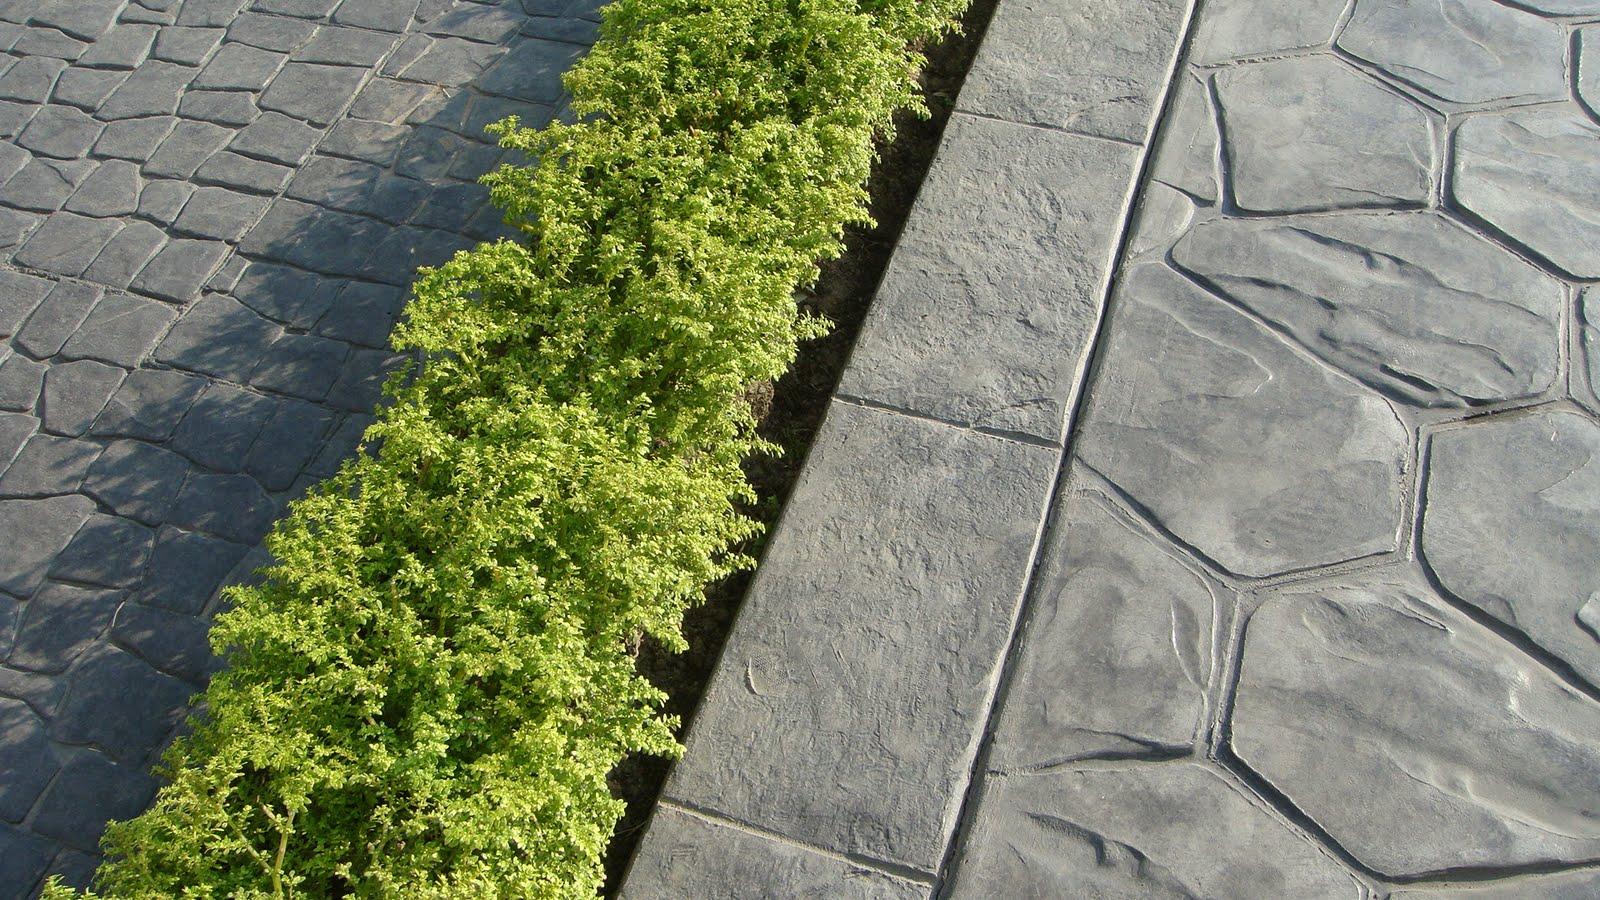 Oniria concreto estampado decorativo for Estampado de hormigon